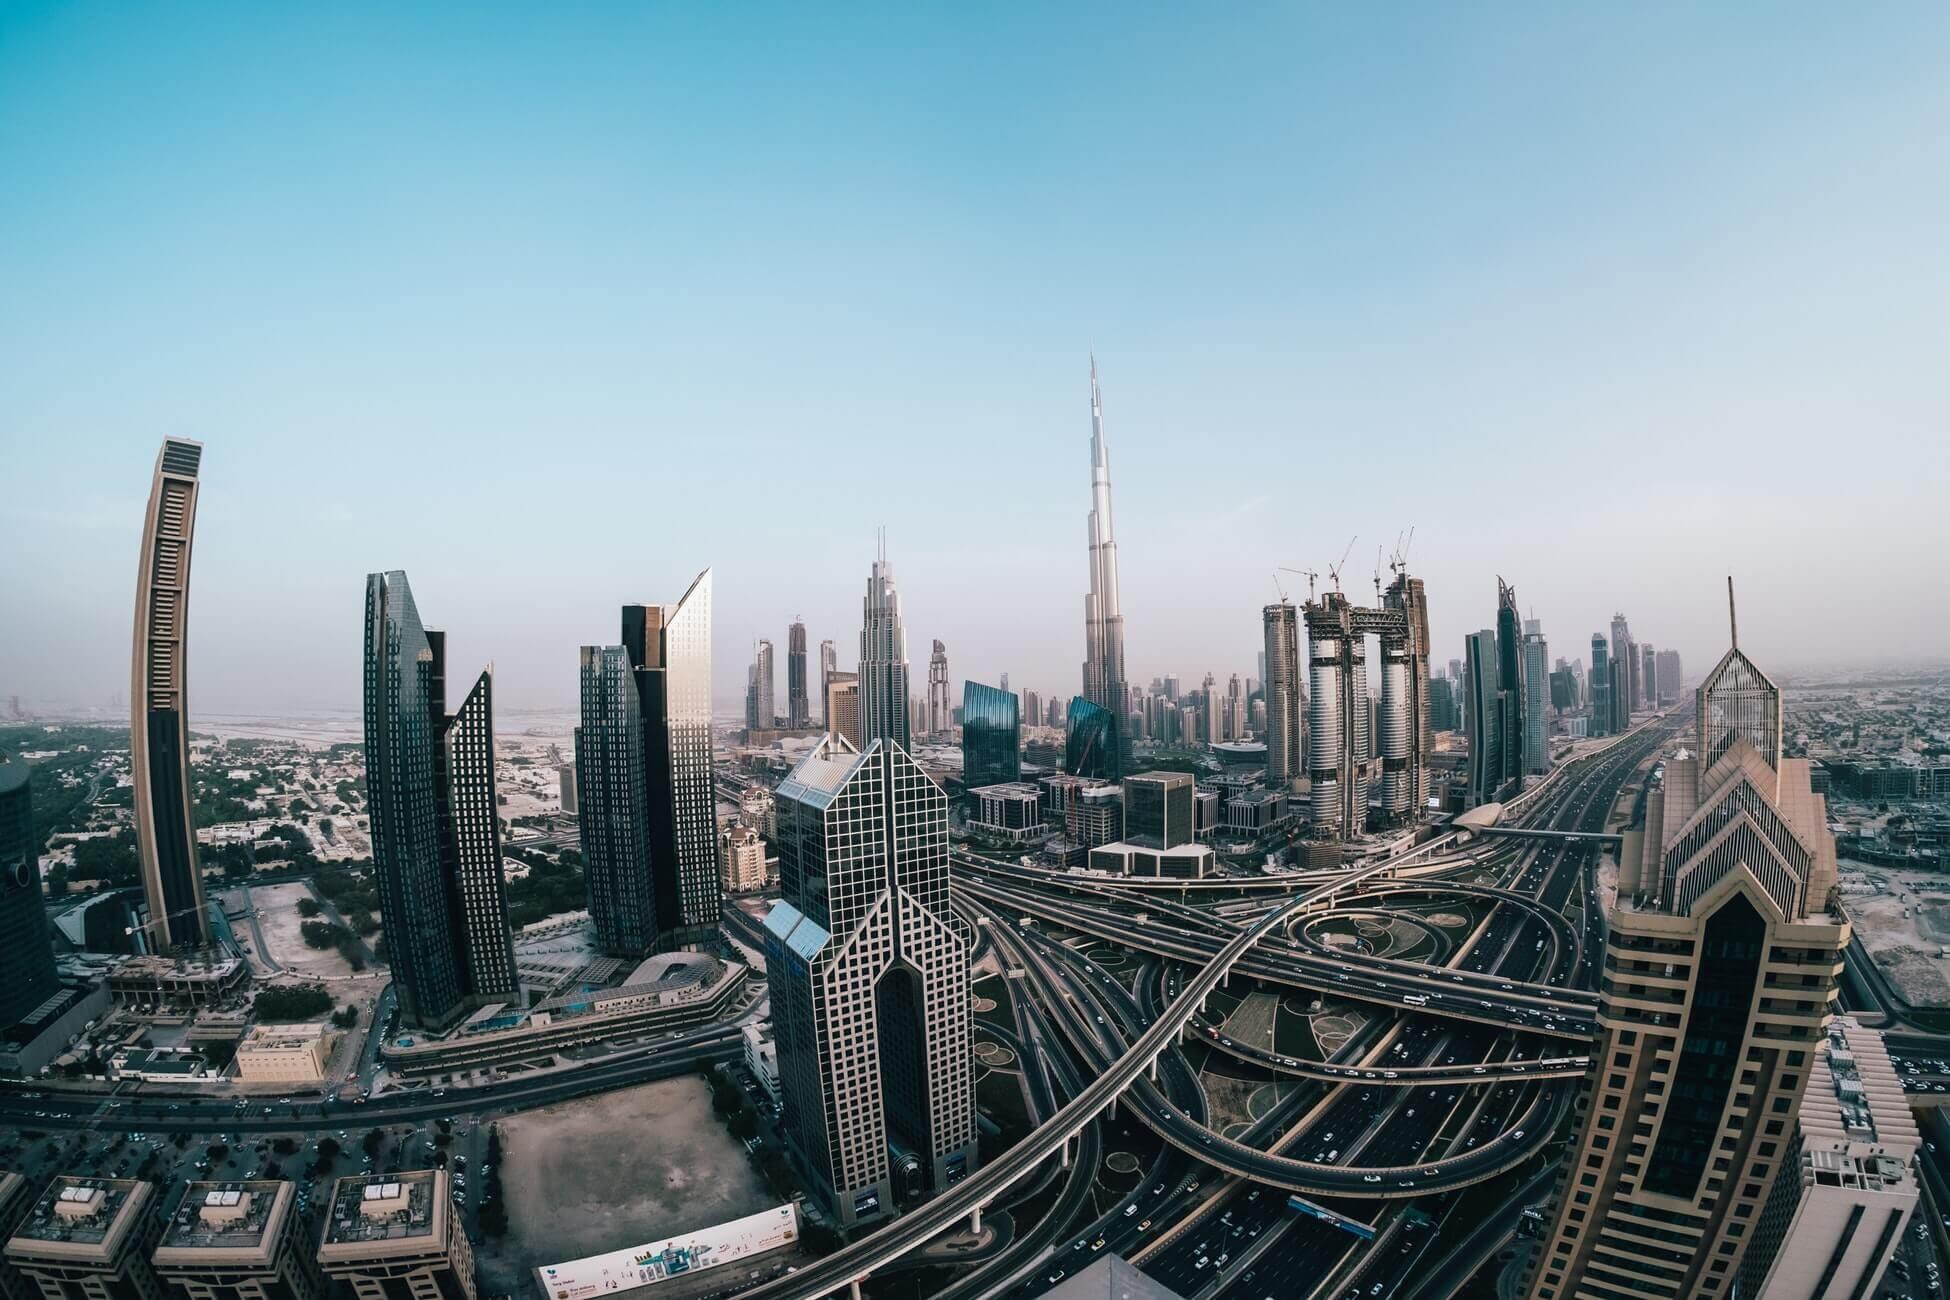 Поясним за новости: Дубай выпустил туристический абонемент на 36 часов